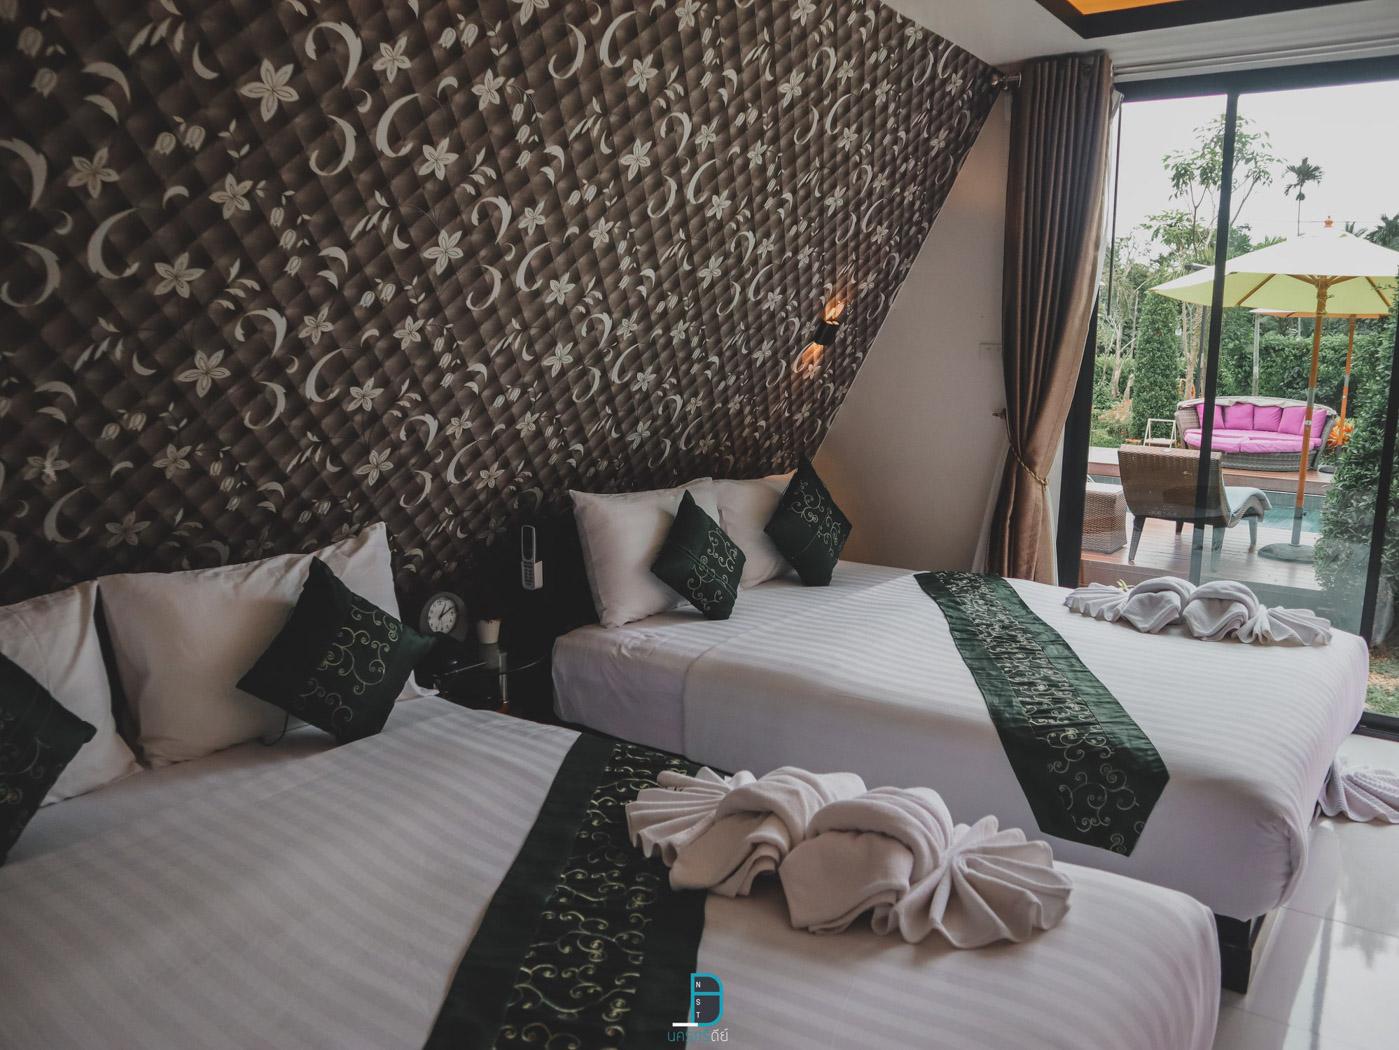 ห้องเตียงใหญ่ 2 เตียง เหมาะสำหรับ 4 ท่าน จะมากับกลุ่มเพื่อนหรือครอบครัวก็ฟินนสุภานันท์,รีสอร์ท,ที่พัก,วิวหลักล้าน,คาเฟ่,โรงแรมมีสระว่ายน้ำ,สวยงาม,poolvilla